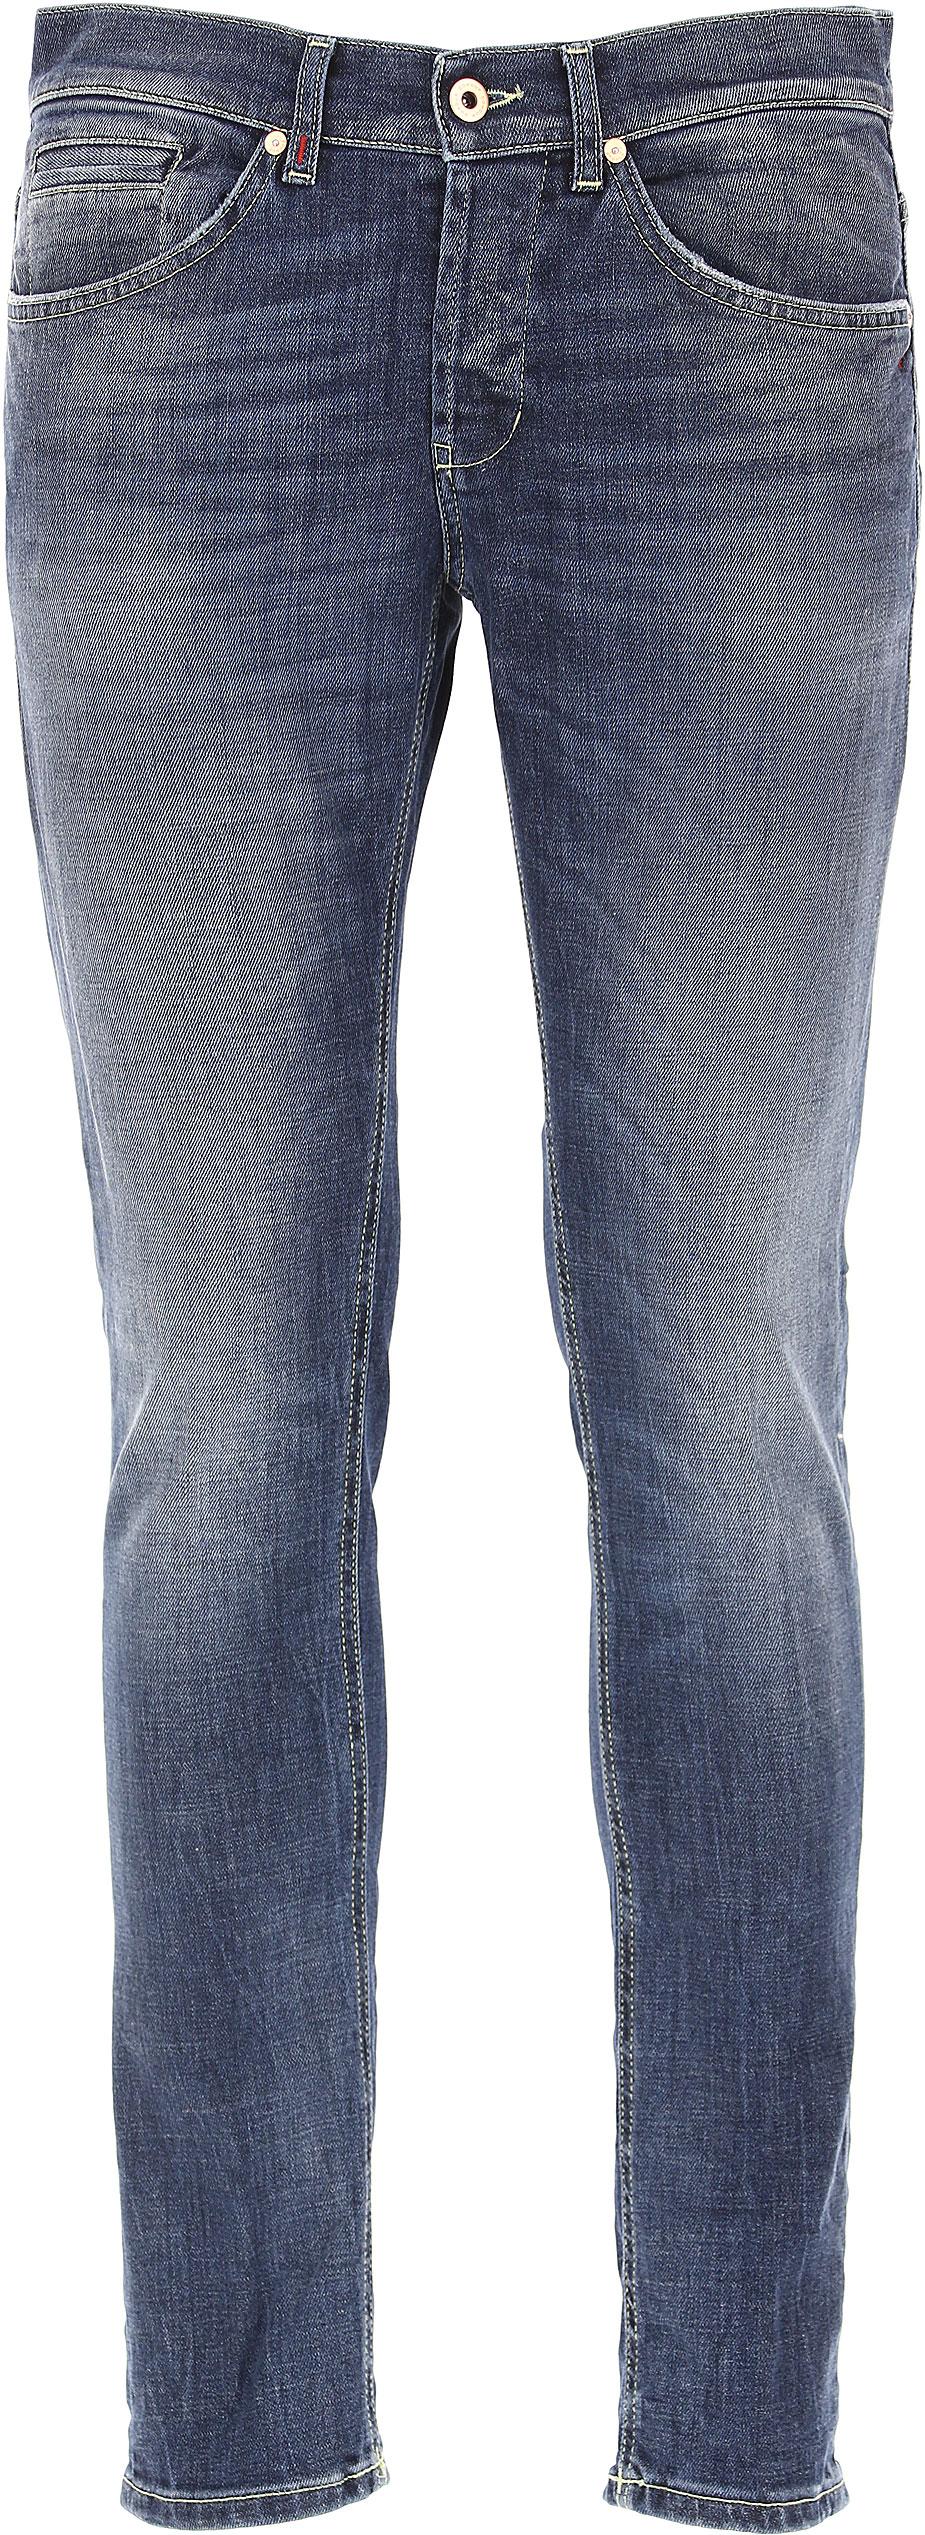 Abbigliamento Uomo Dondup Codice Articolo Up232-ds172u-s29g